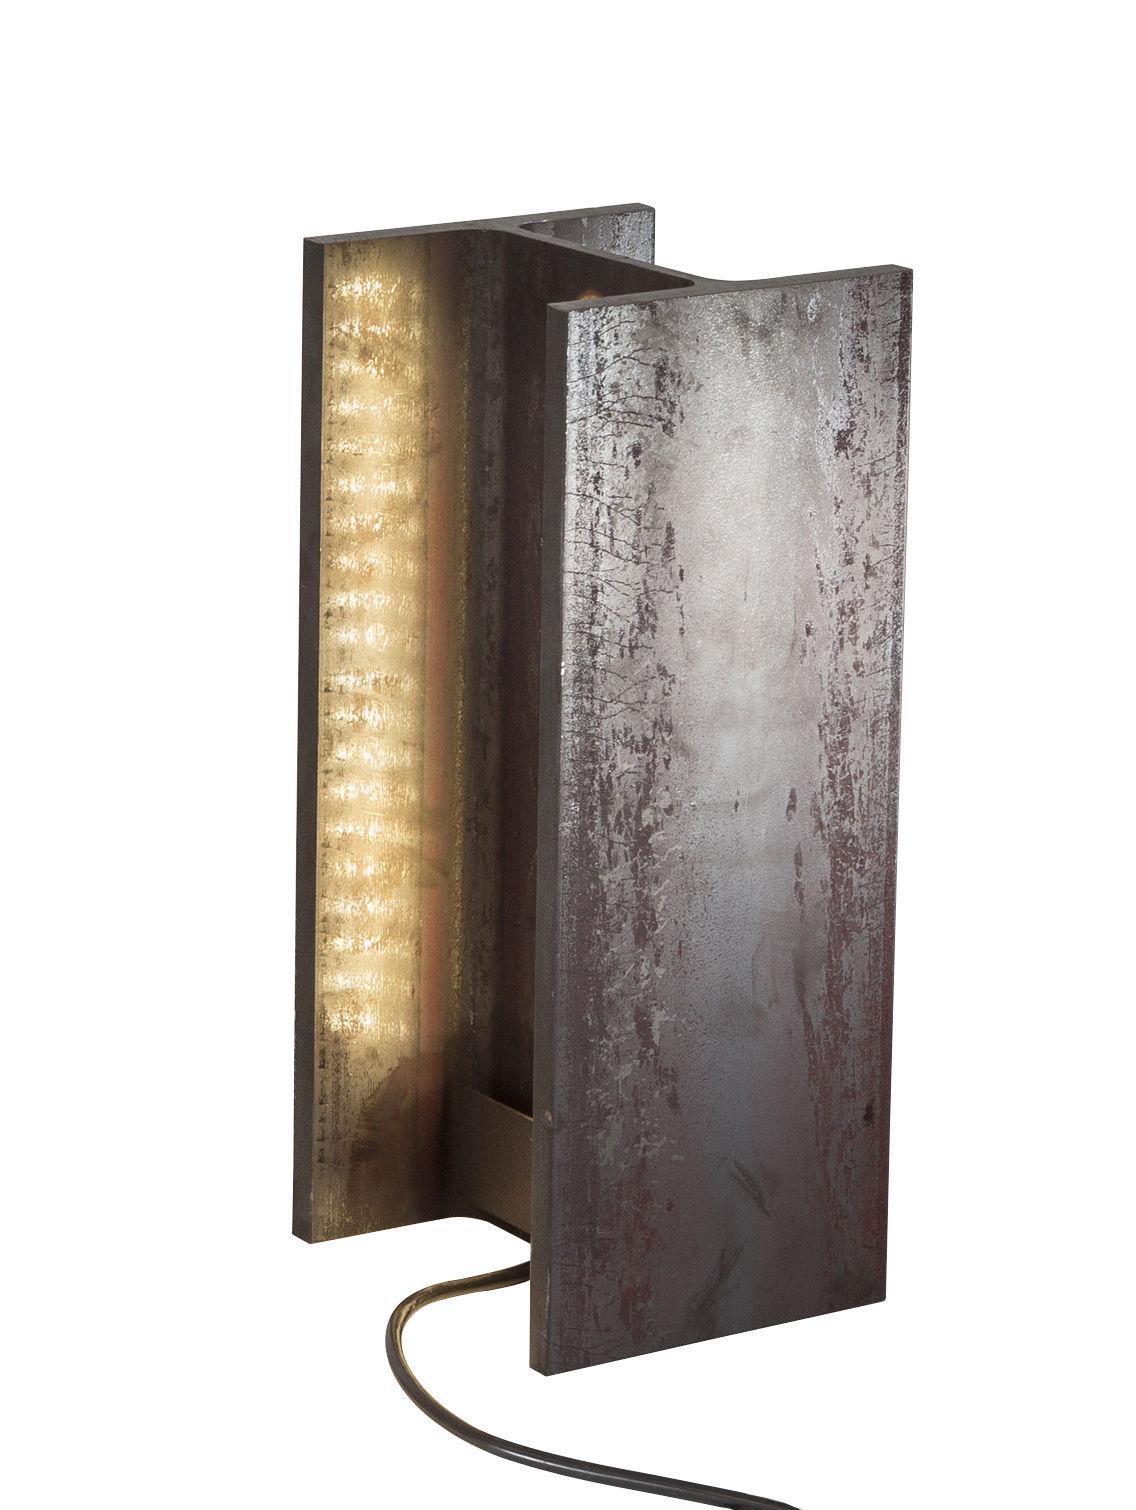 Luminaire - Luminaires d'extérieur - Lampe Mais plus que cela je ne peux pas / LED OUTDOOR - H 35 cm - Nemo - Rouille - Fer brut